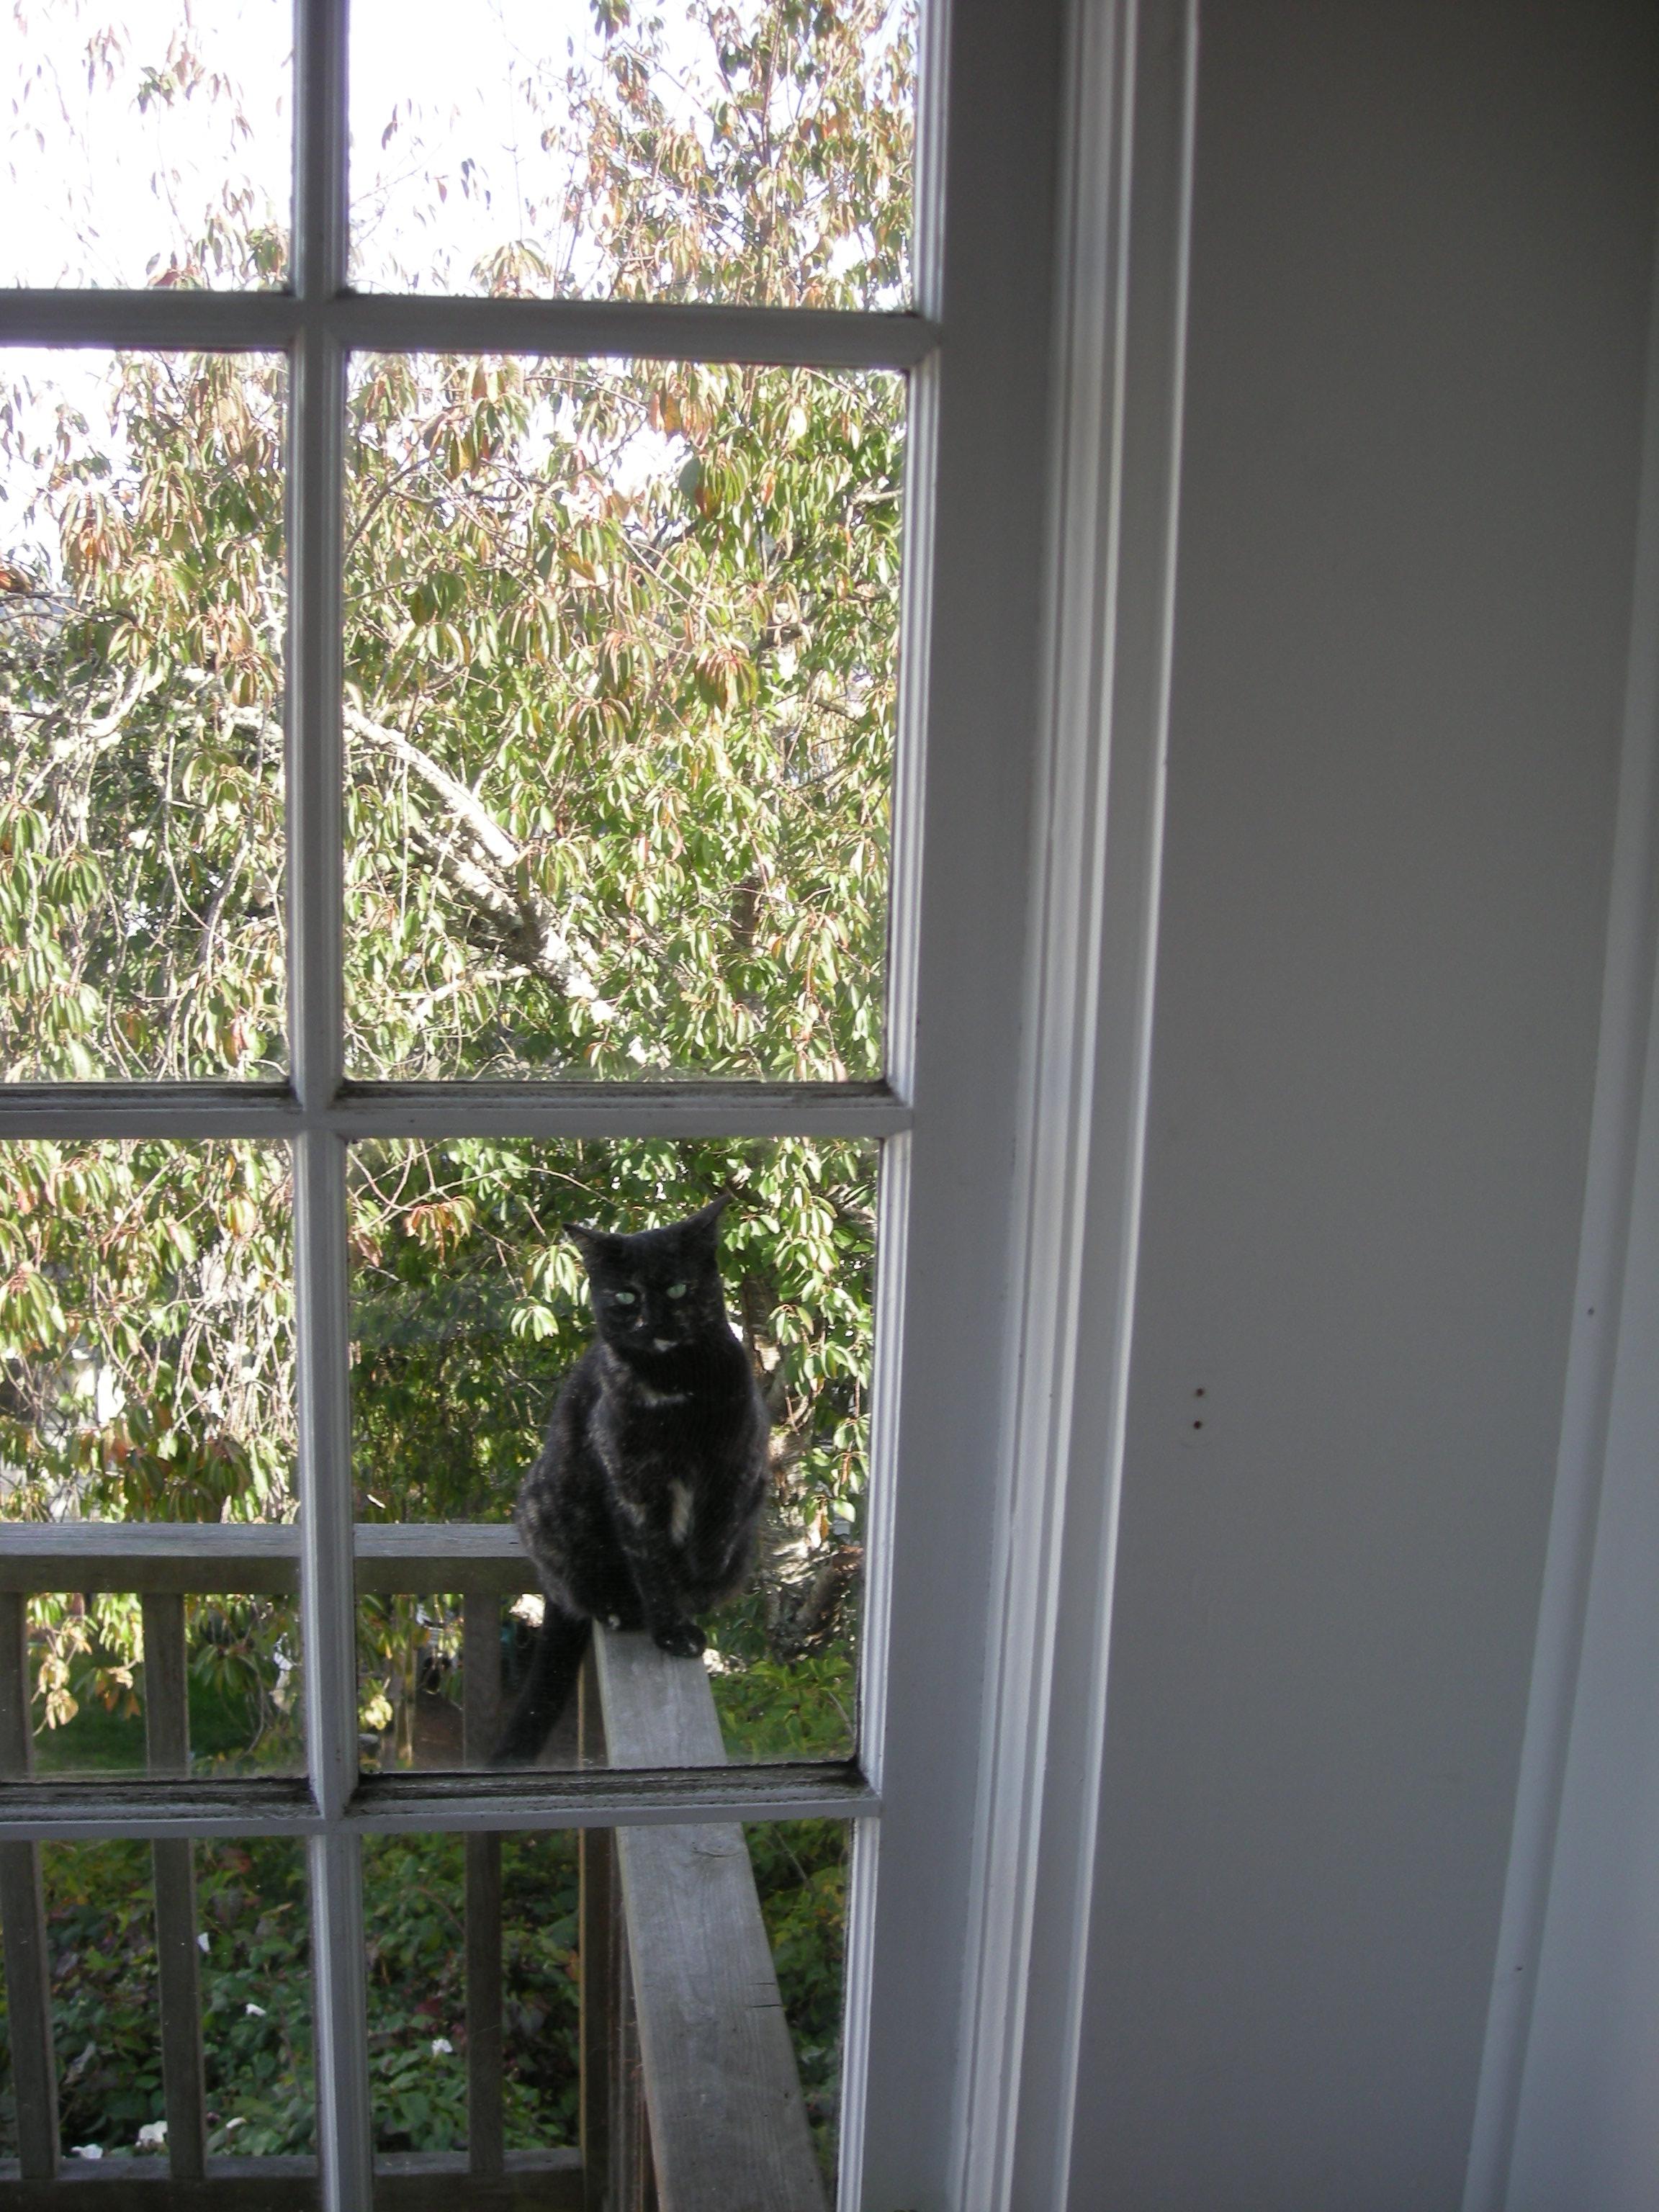 Belfie window links